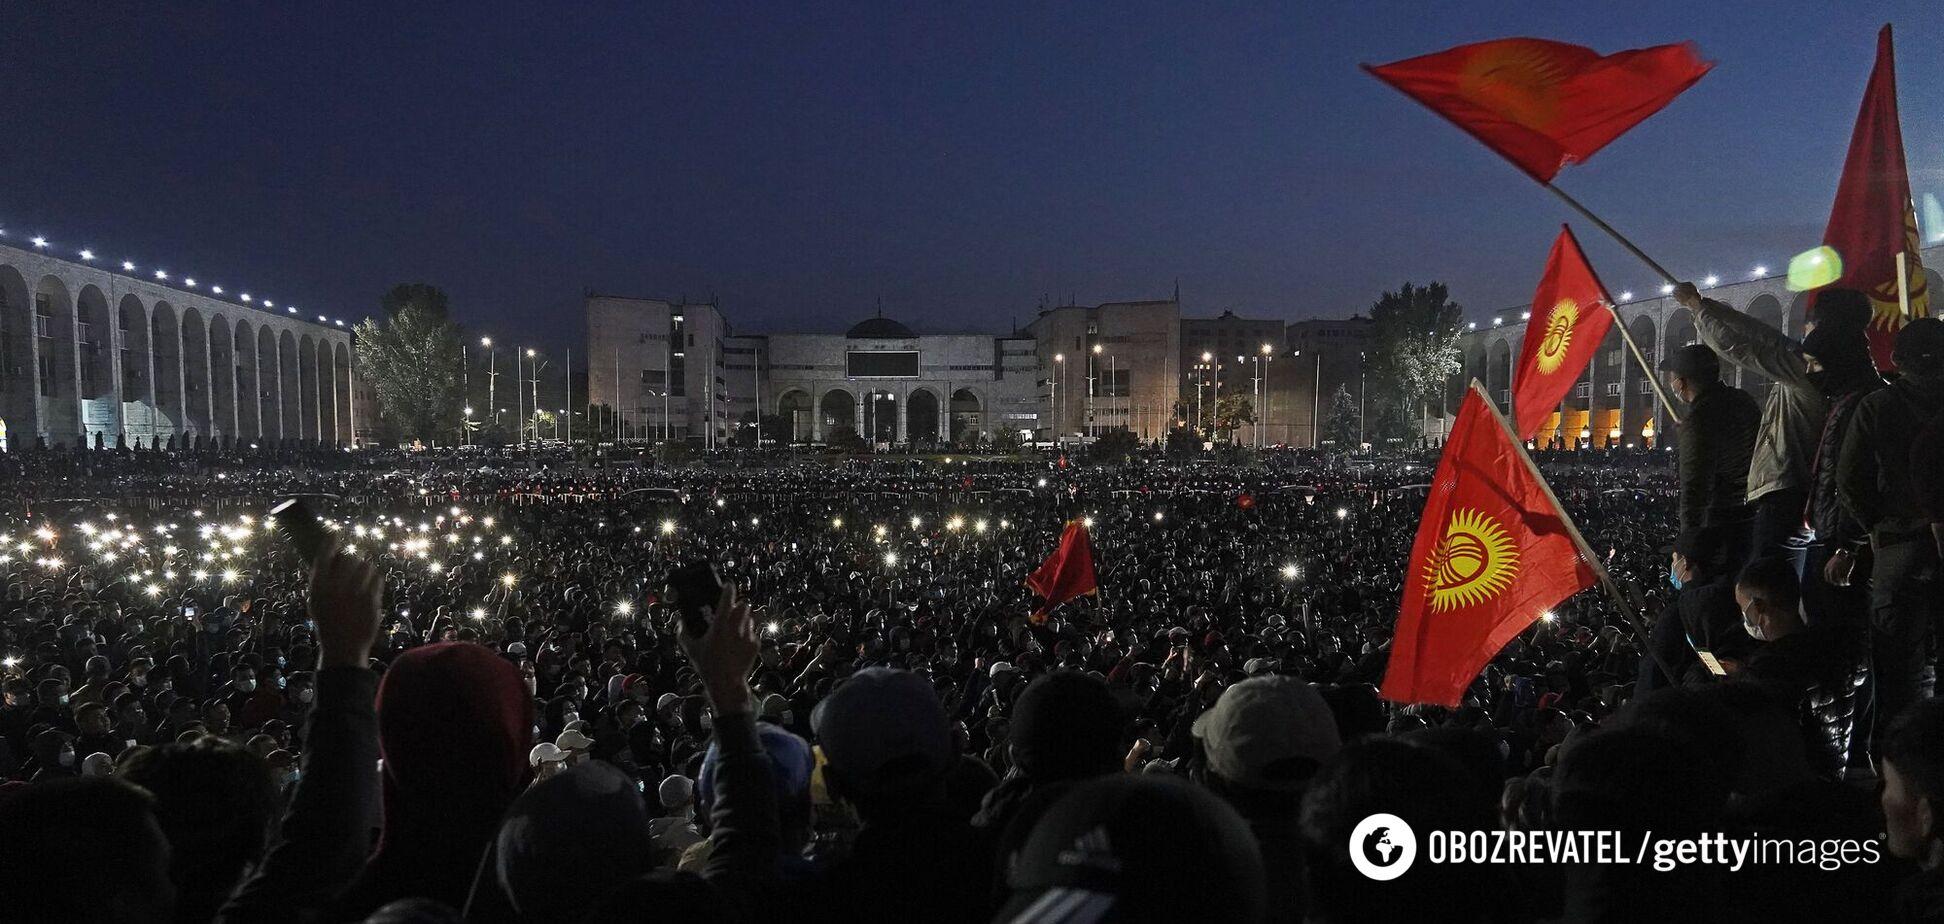 Протести в Бішкеку (Киргизстан)